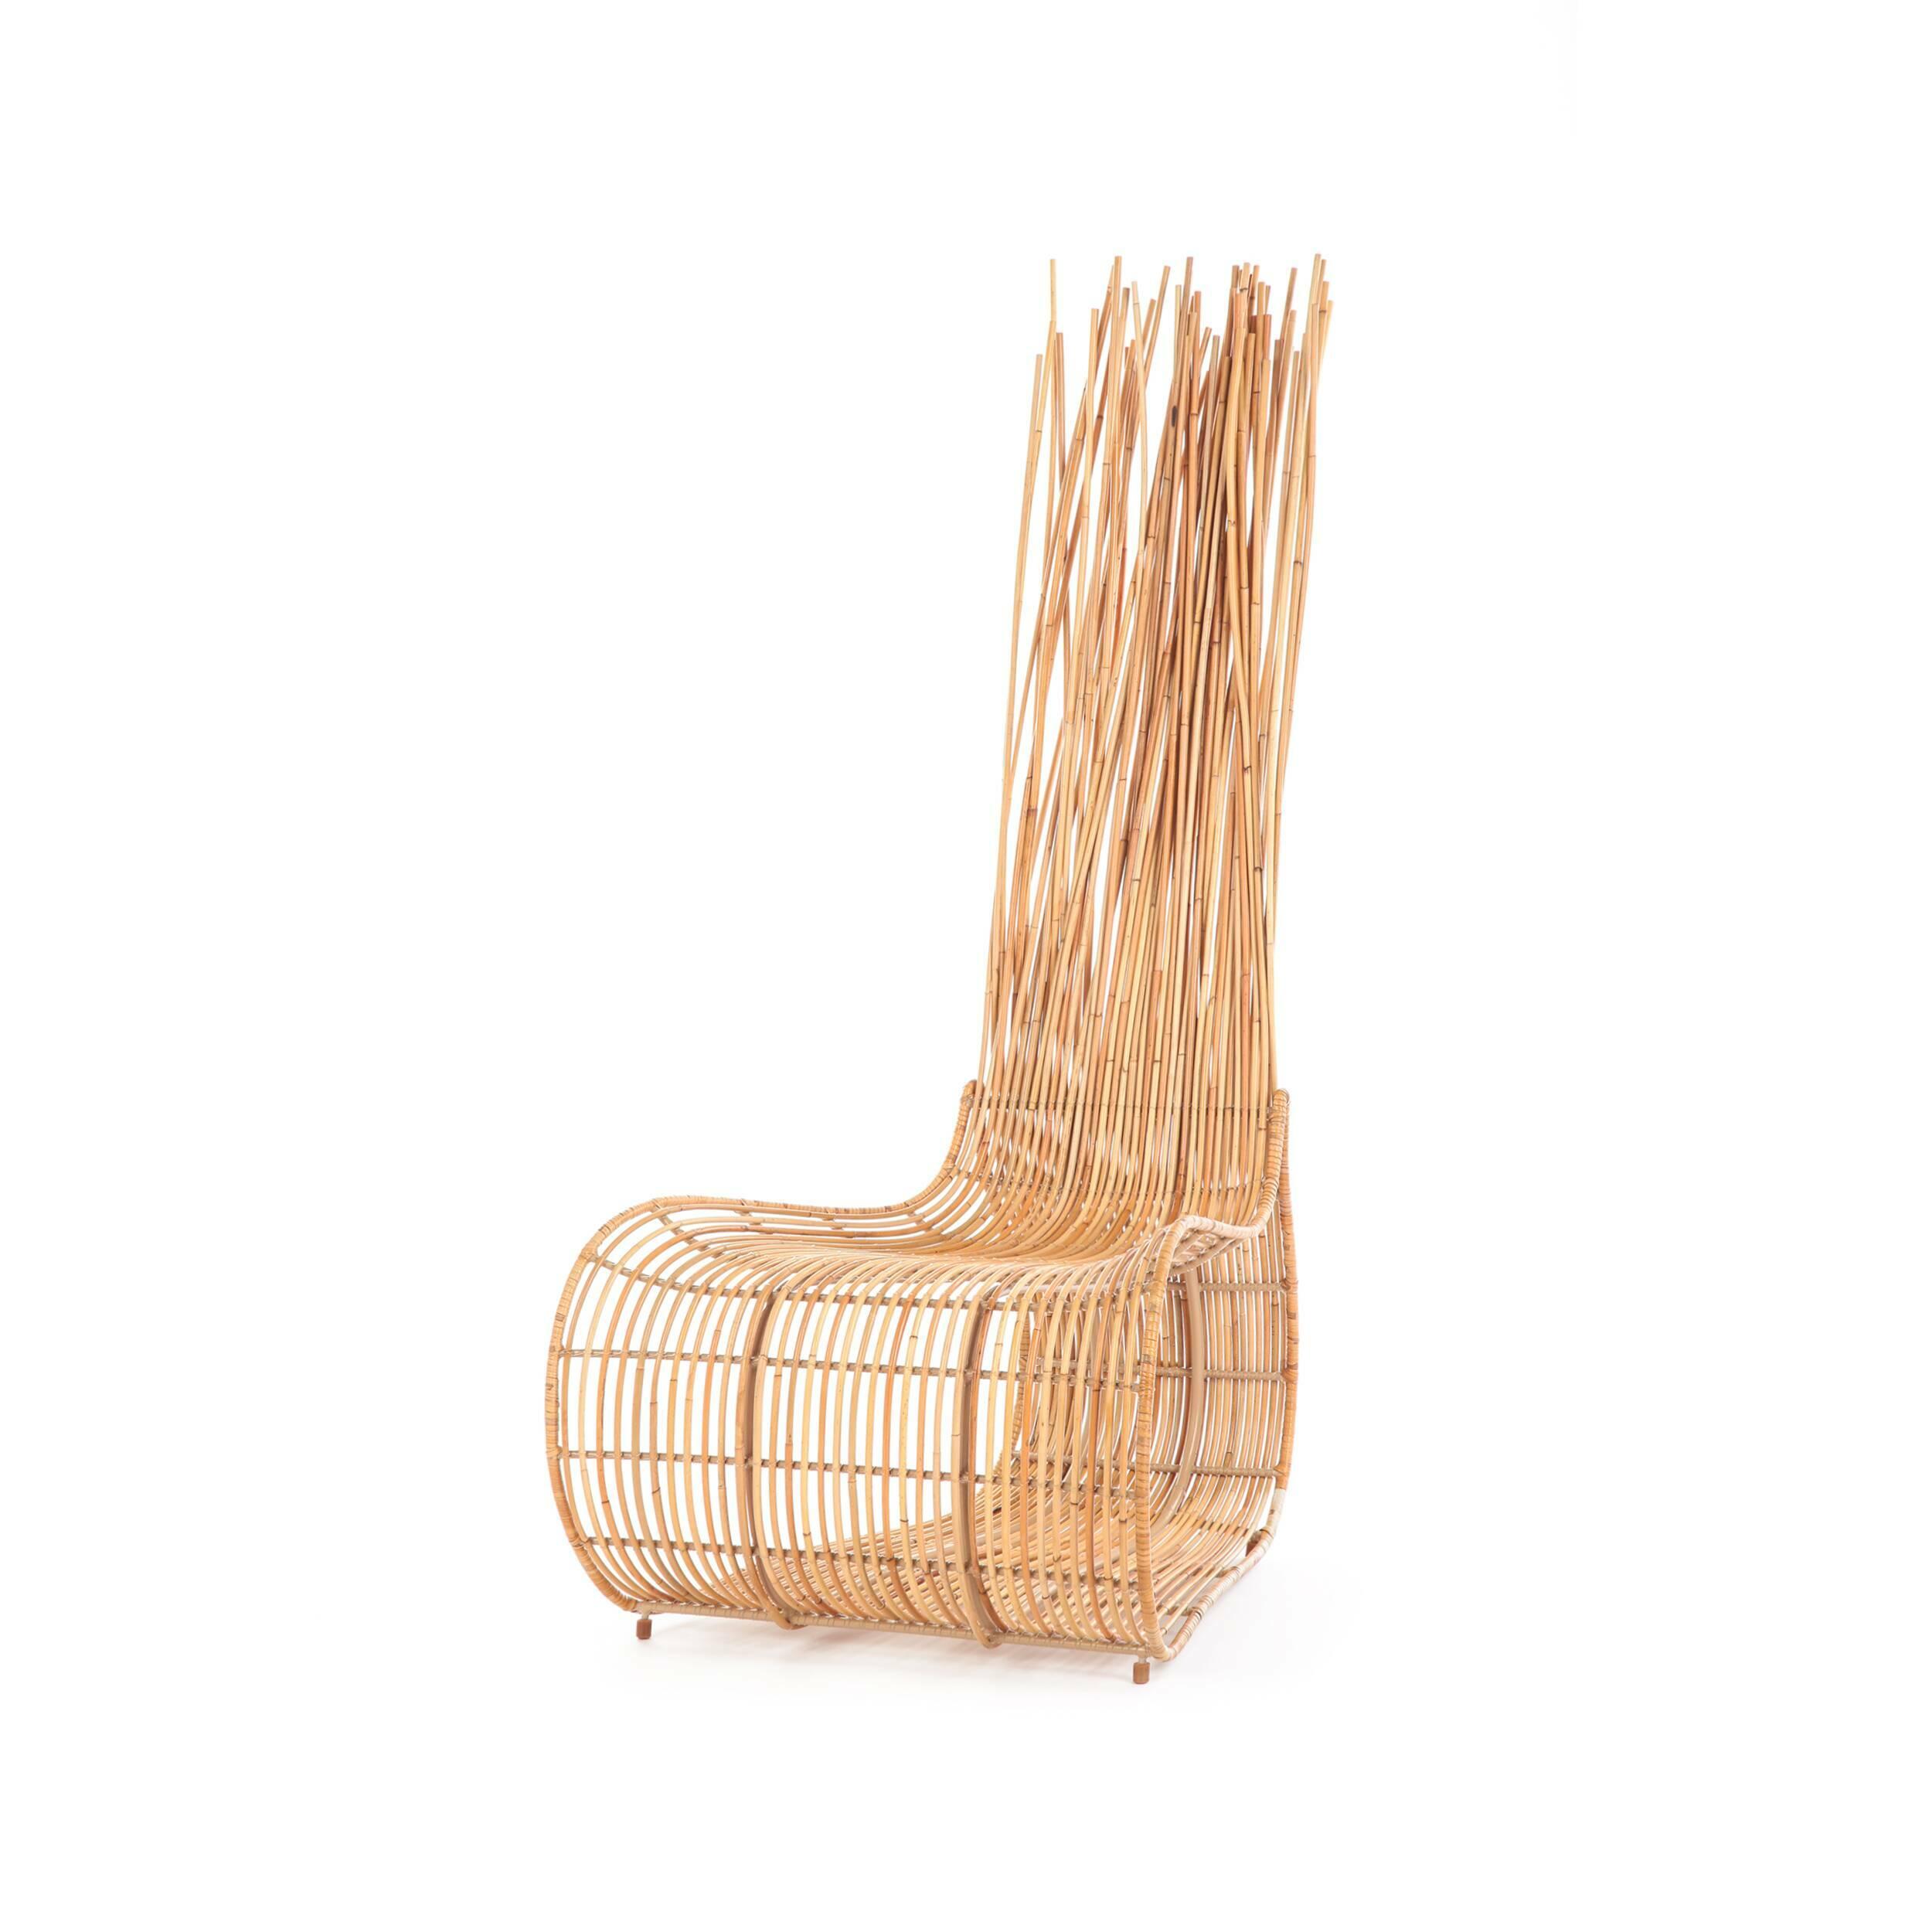 Кресло Yoda бежевоеИнтерьерные<br>Дизайнерское бежевое кресло Yoda (Йода) из ротанга в экостиле от Kenneth Cobonpue (Кеннет Кобонпу)<br><br><br> Любимец голливудских звезд, дизайнер года 2014 по версии Maison &amp; Objet, филиппинец Кеннет Кобонпу — гуру экологичных интерьеров, научивший европейцев ценить азиатский дизайн не меньше итальянского и познакомивший их с экзотикой и старинными ремеслами и материалами своей родины. Его ноу-хау — плетеная мебель из ротанга, столь популярная на Юго-Востоке, где из этой разновидности па...<br><br>stock: 3<br>Высота: 134<br>Высота сиденья: 39<br>Ширина: 63<br>Глубина: 70<br>Цвет спинки: Светло-коричневый<br>Материал спинки: Ротанг, Нейлон<br>Цвет сидения: Светло-коричневый<br>Тип материала сидения: Сталь